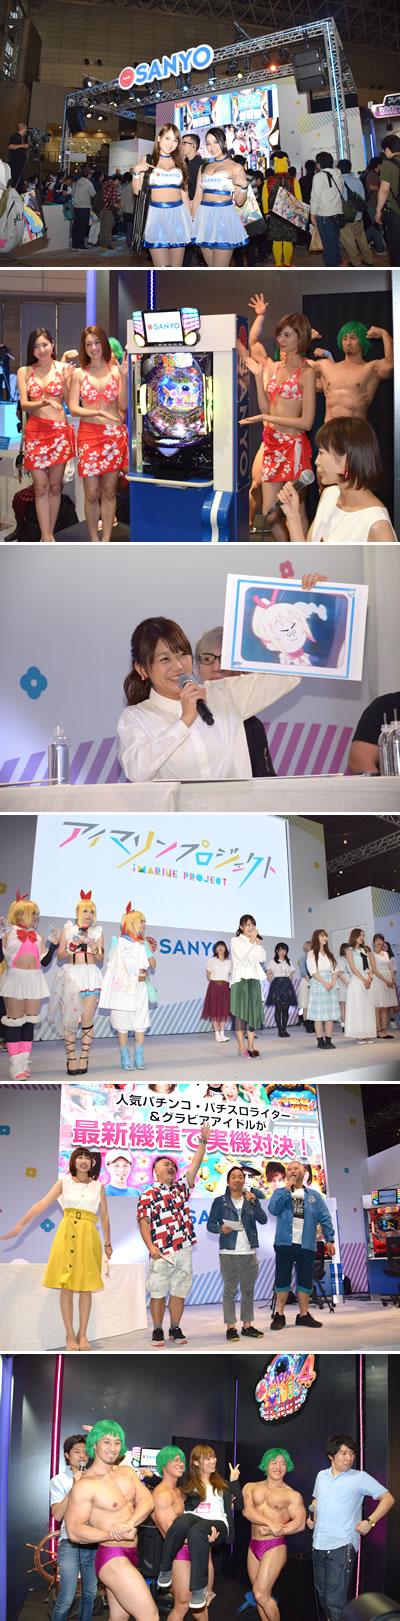 20180509_nicocyou_sanyo.jpg